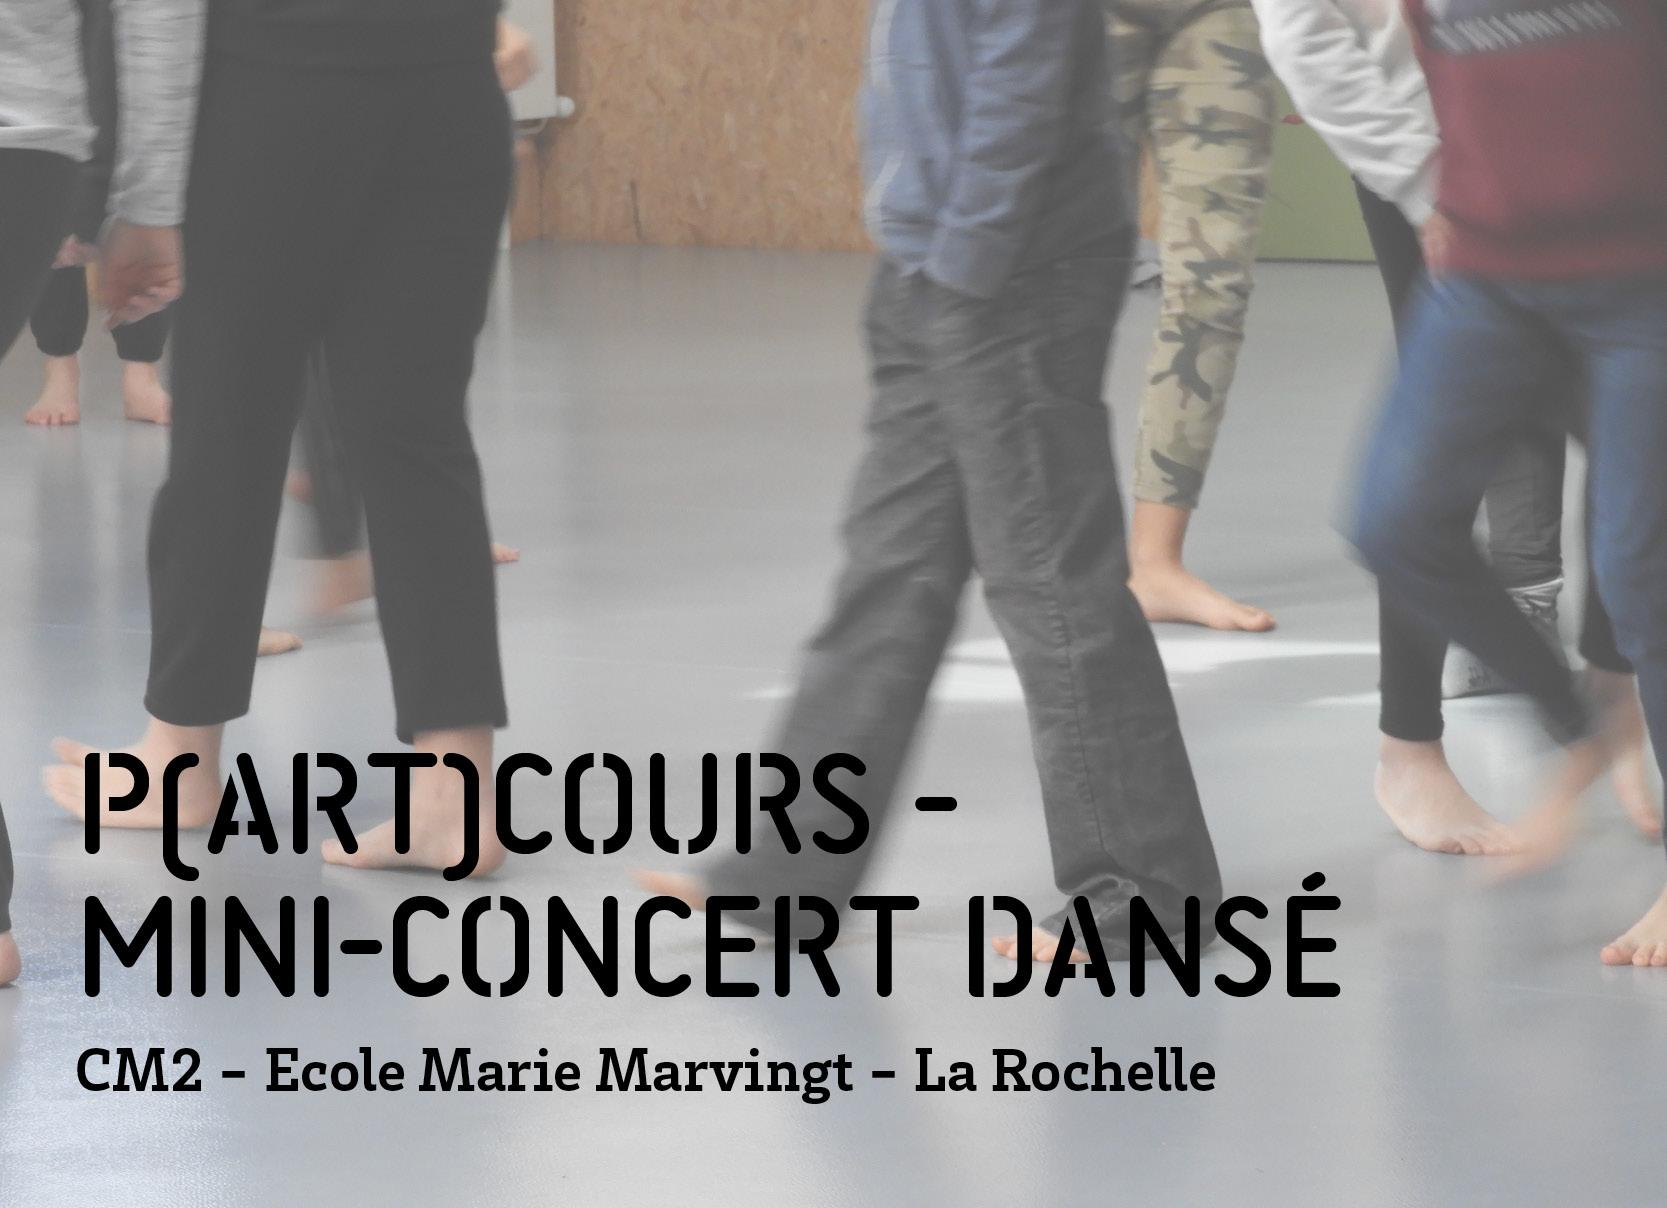 CM2 - Ecole Marie Marvingt - La Rochelle